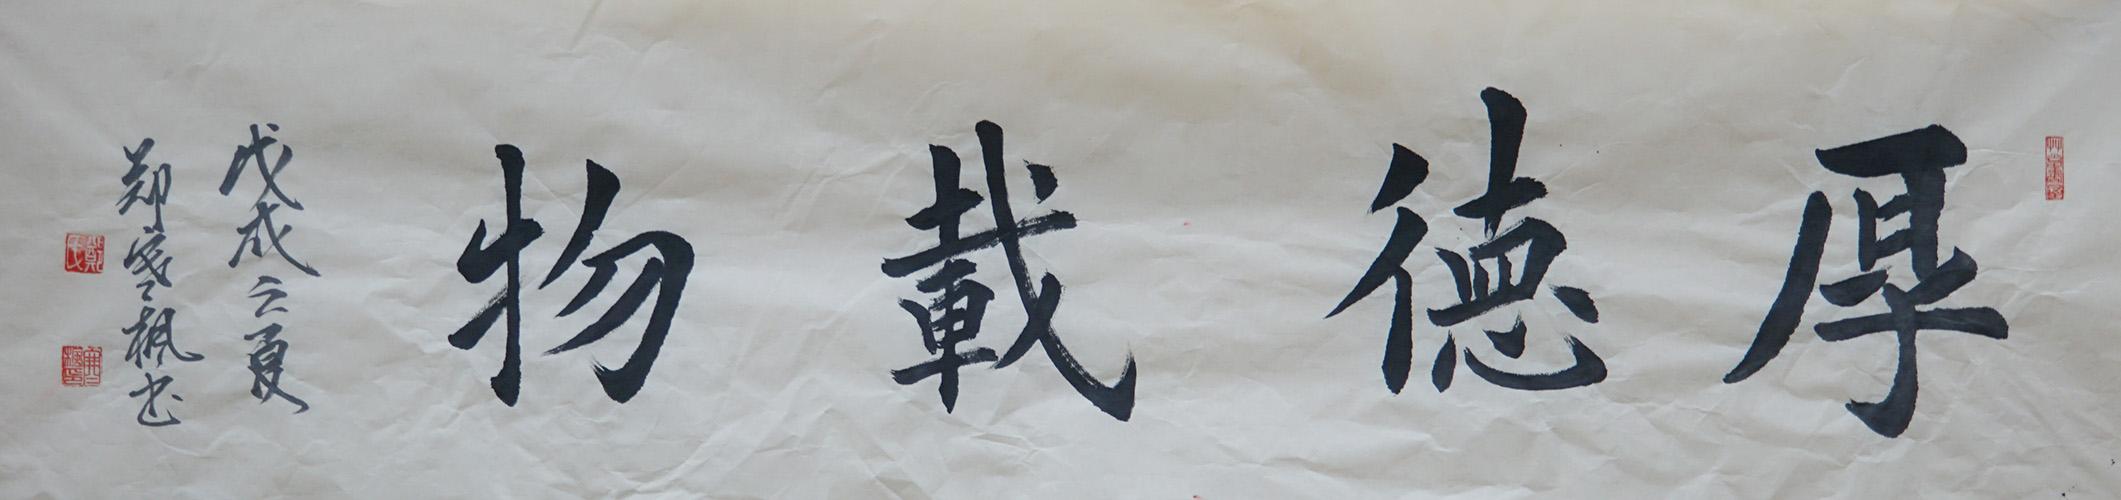 郑寒枫作品之一(7)